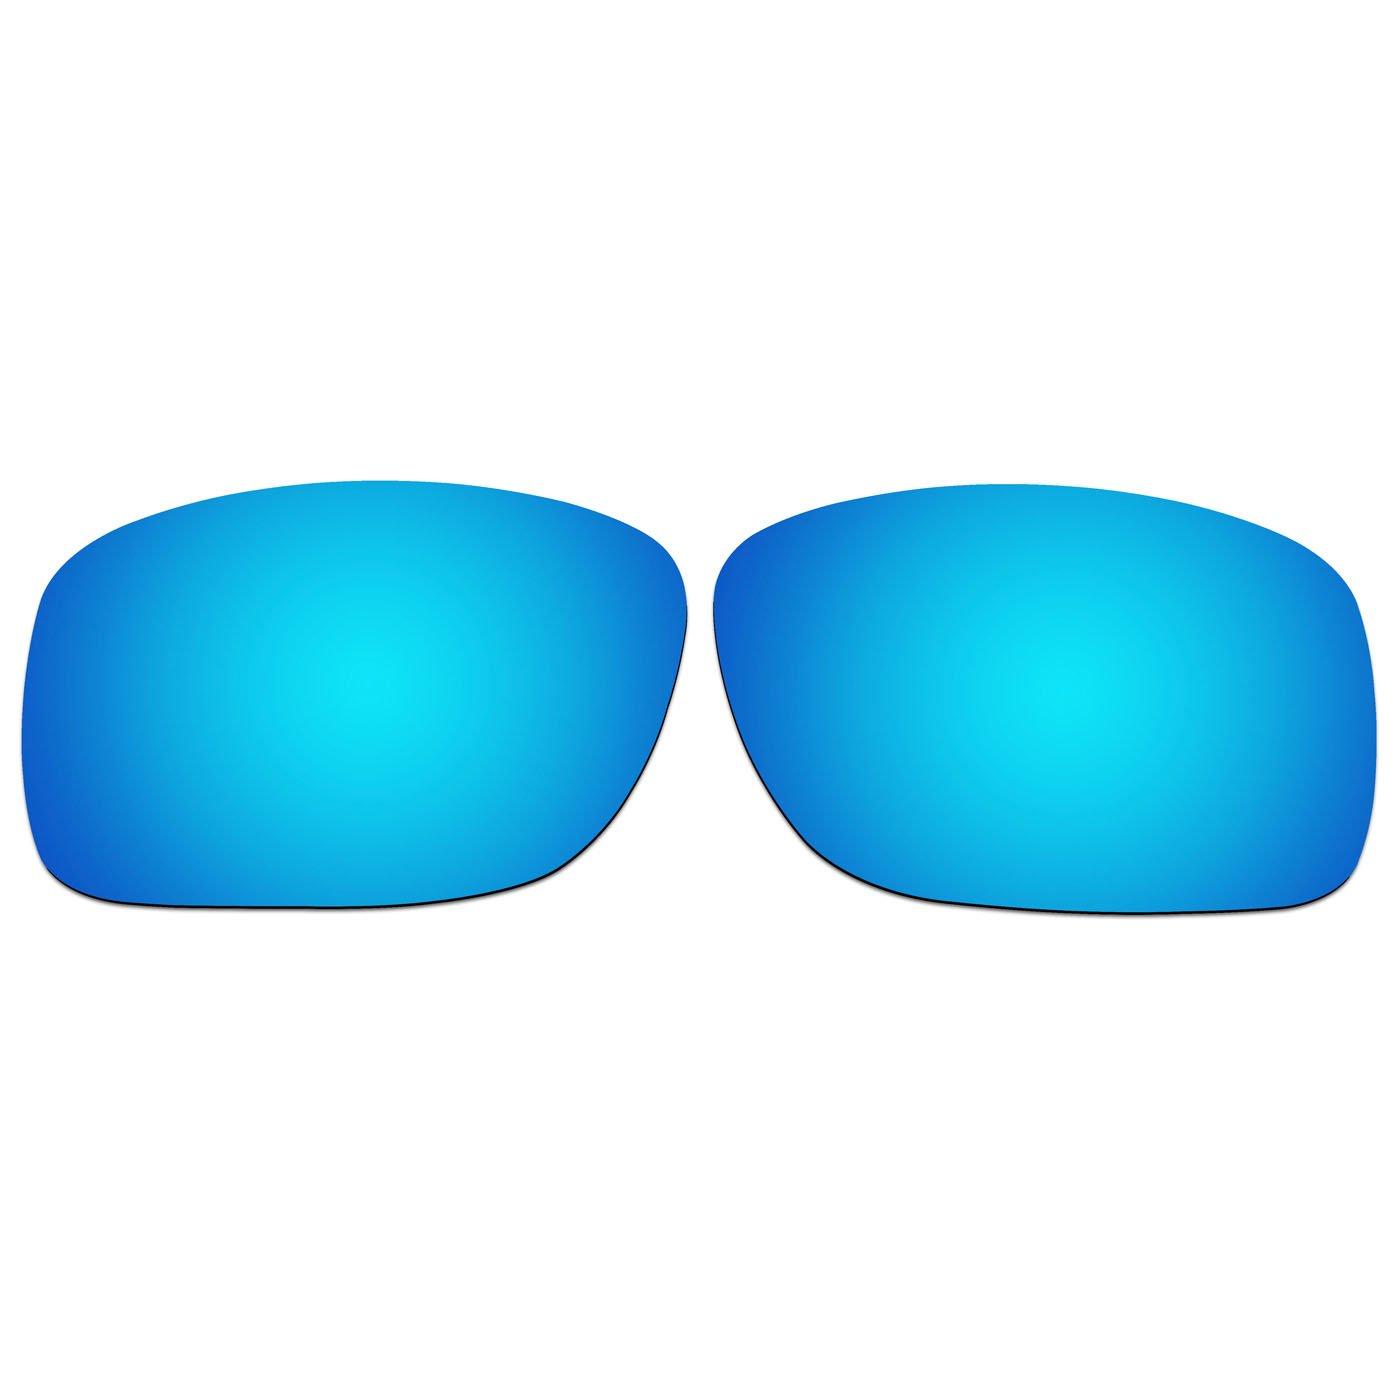 ACOMPATIBLE lentes de repuesto para Oakley Turbine XS (juventud Fit) gafas de sol oj9003, Ice Blue Mirror - Polarized: Amazon.es: Deportes y aire libre